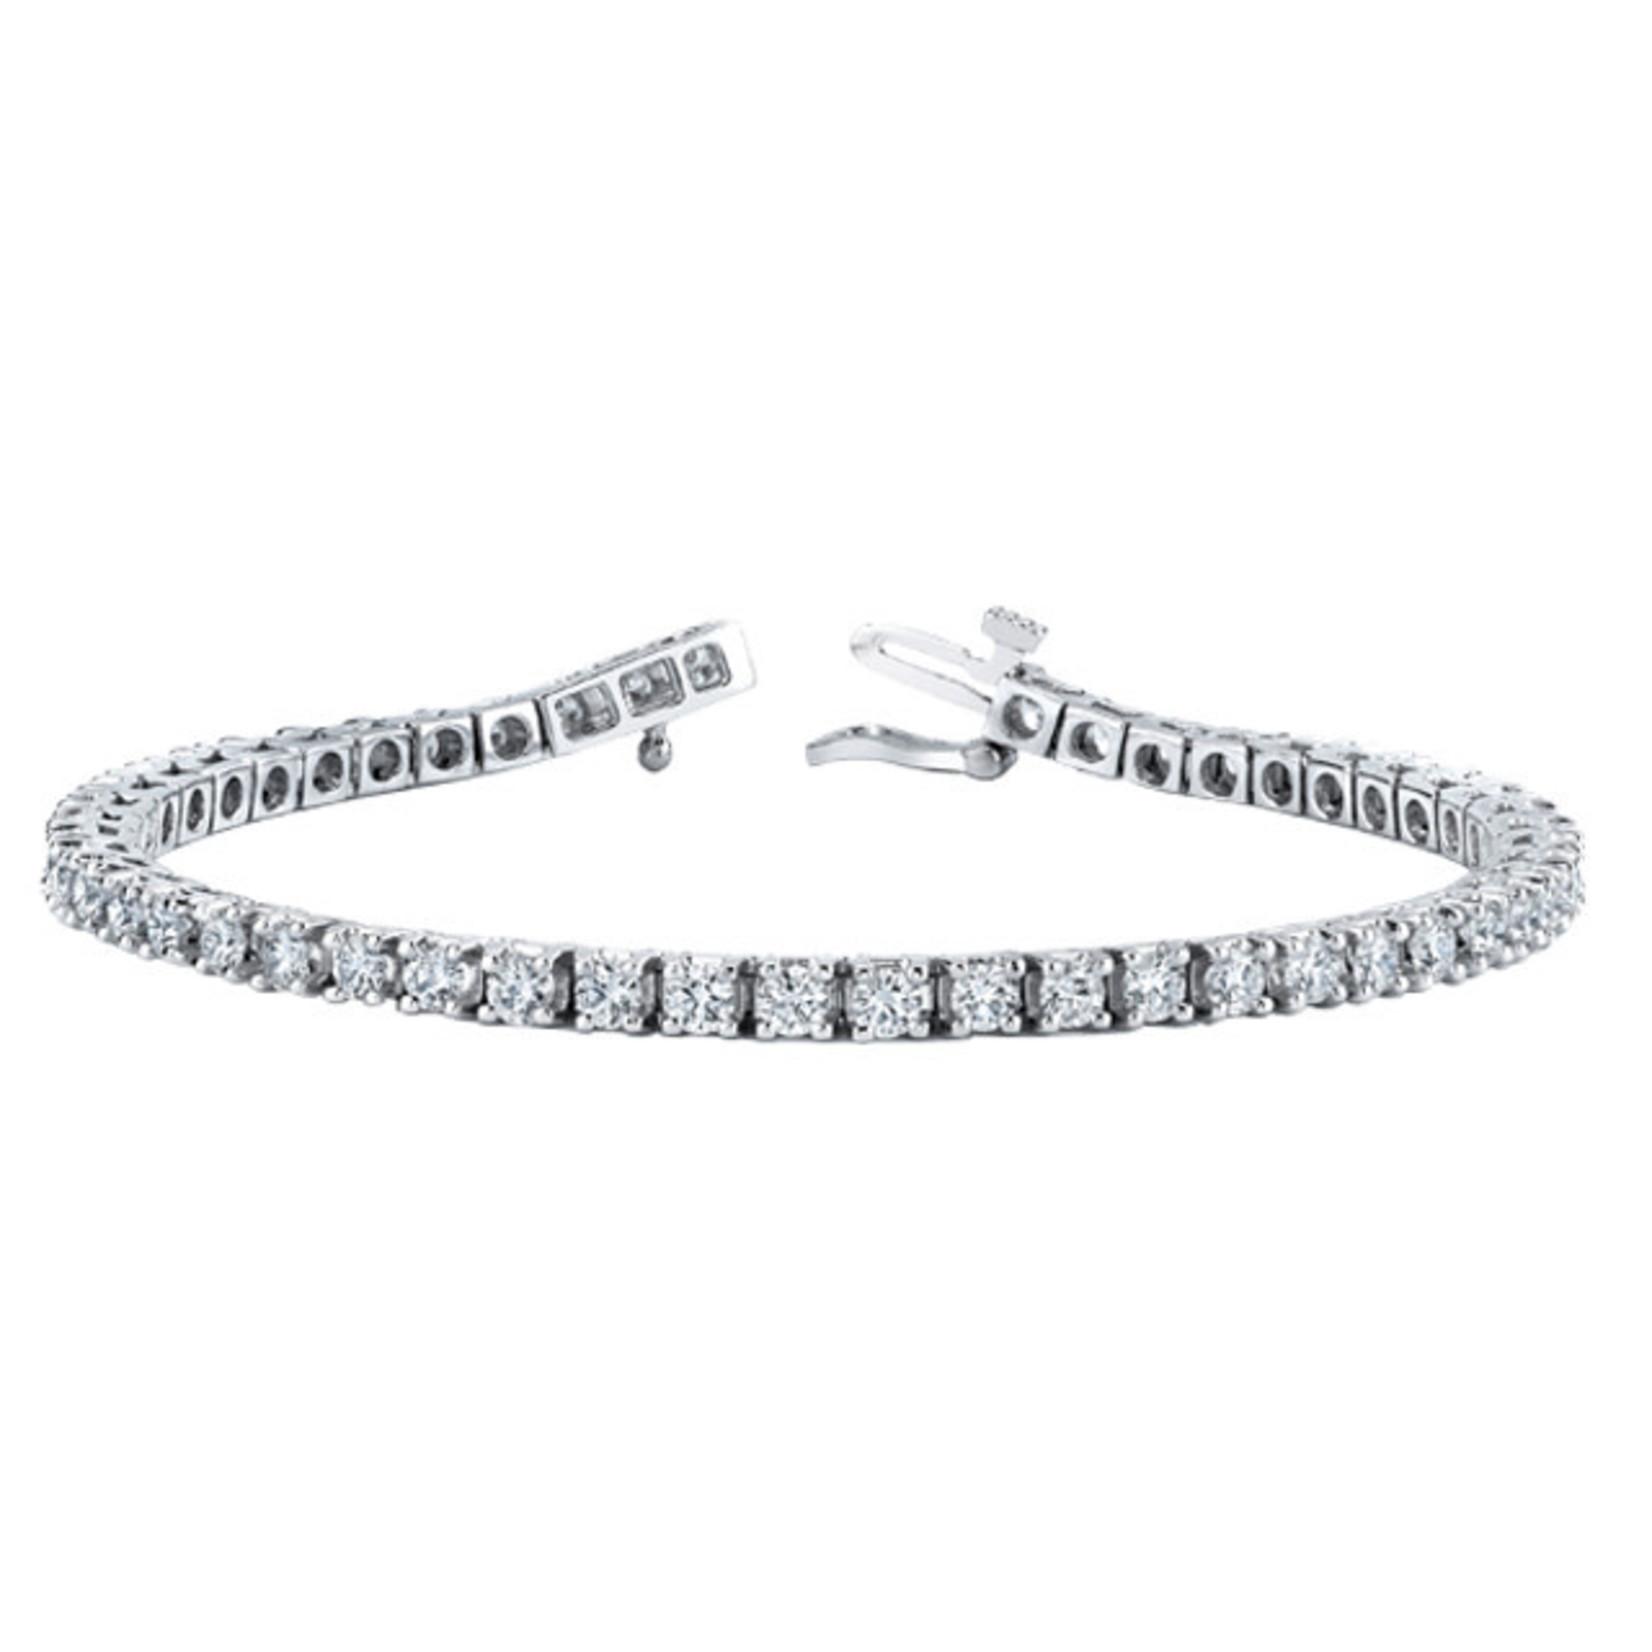 12 ct T.W. Diamond Bracelet